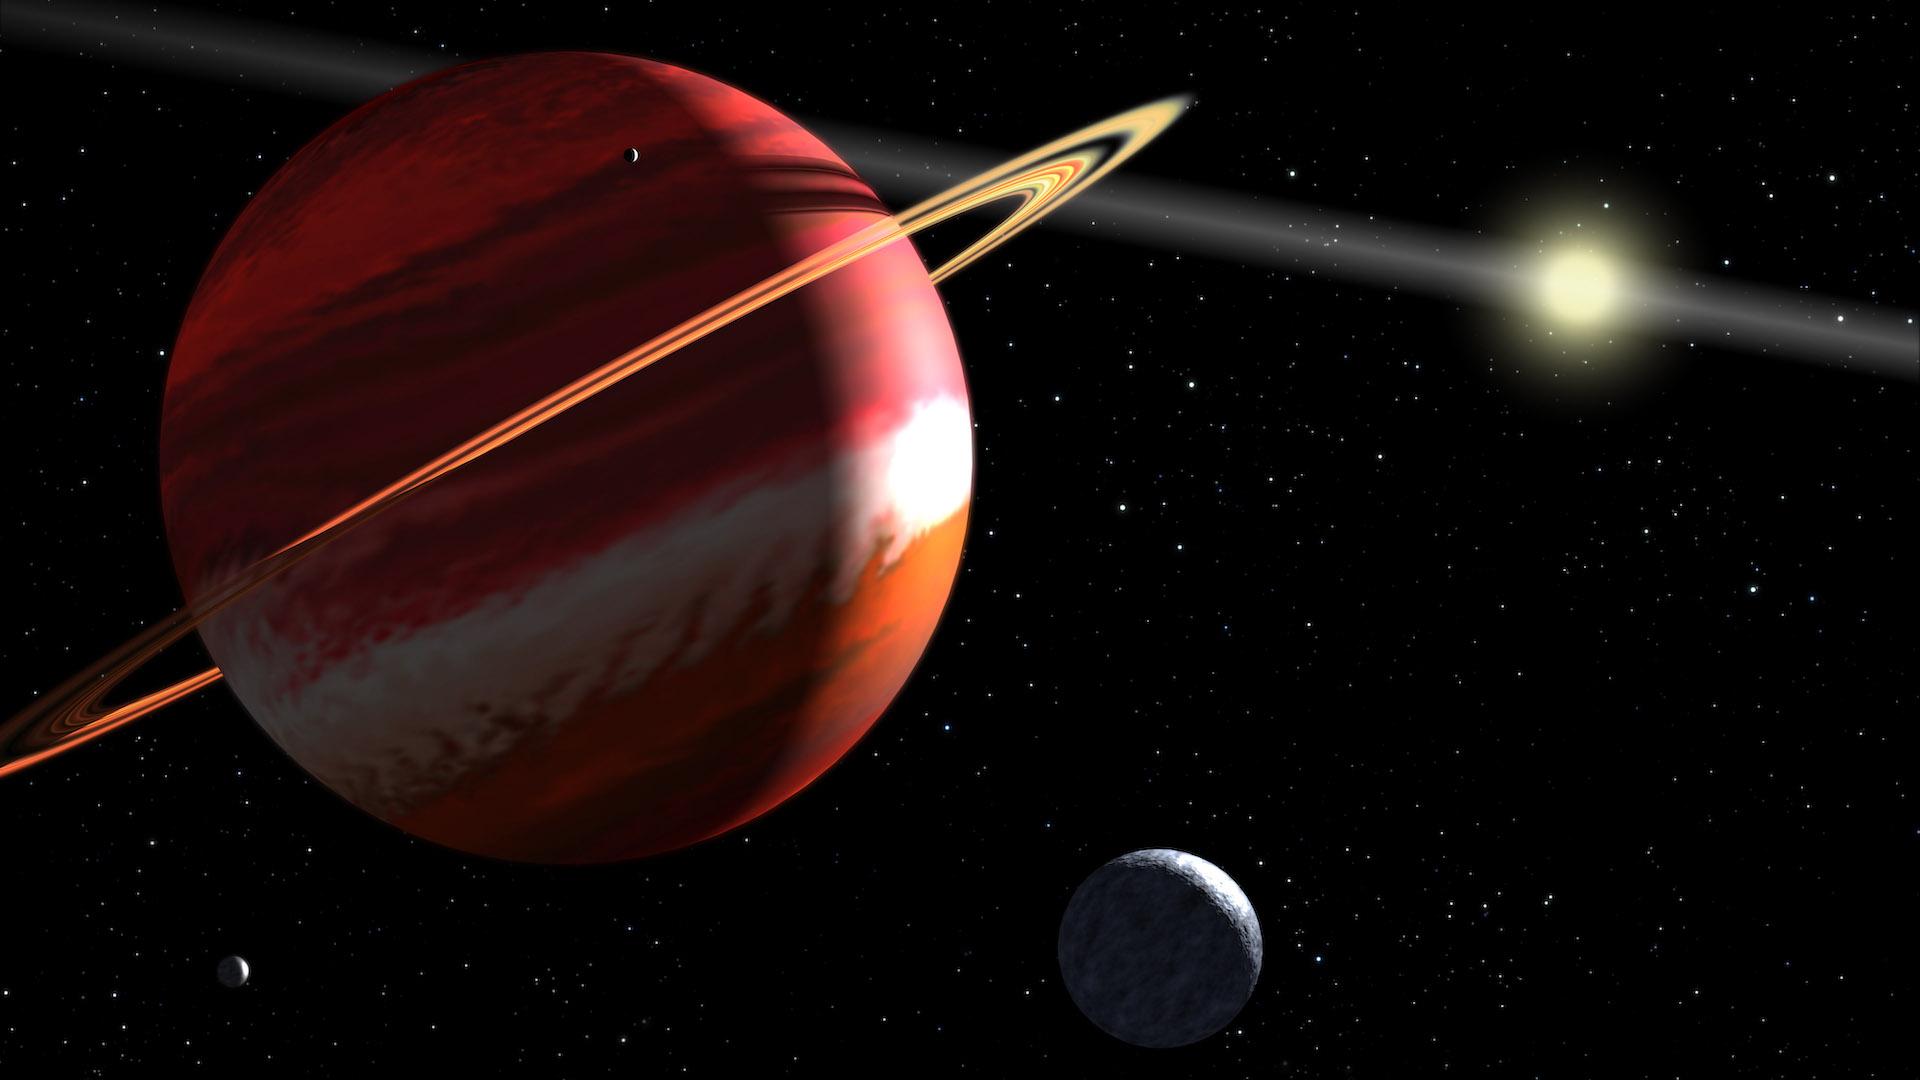 Este es el exoplaneta más cercano a nuestro sistema solar